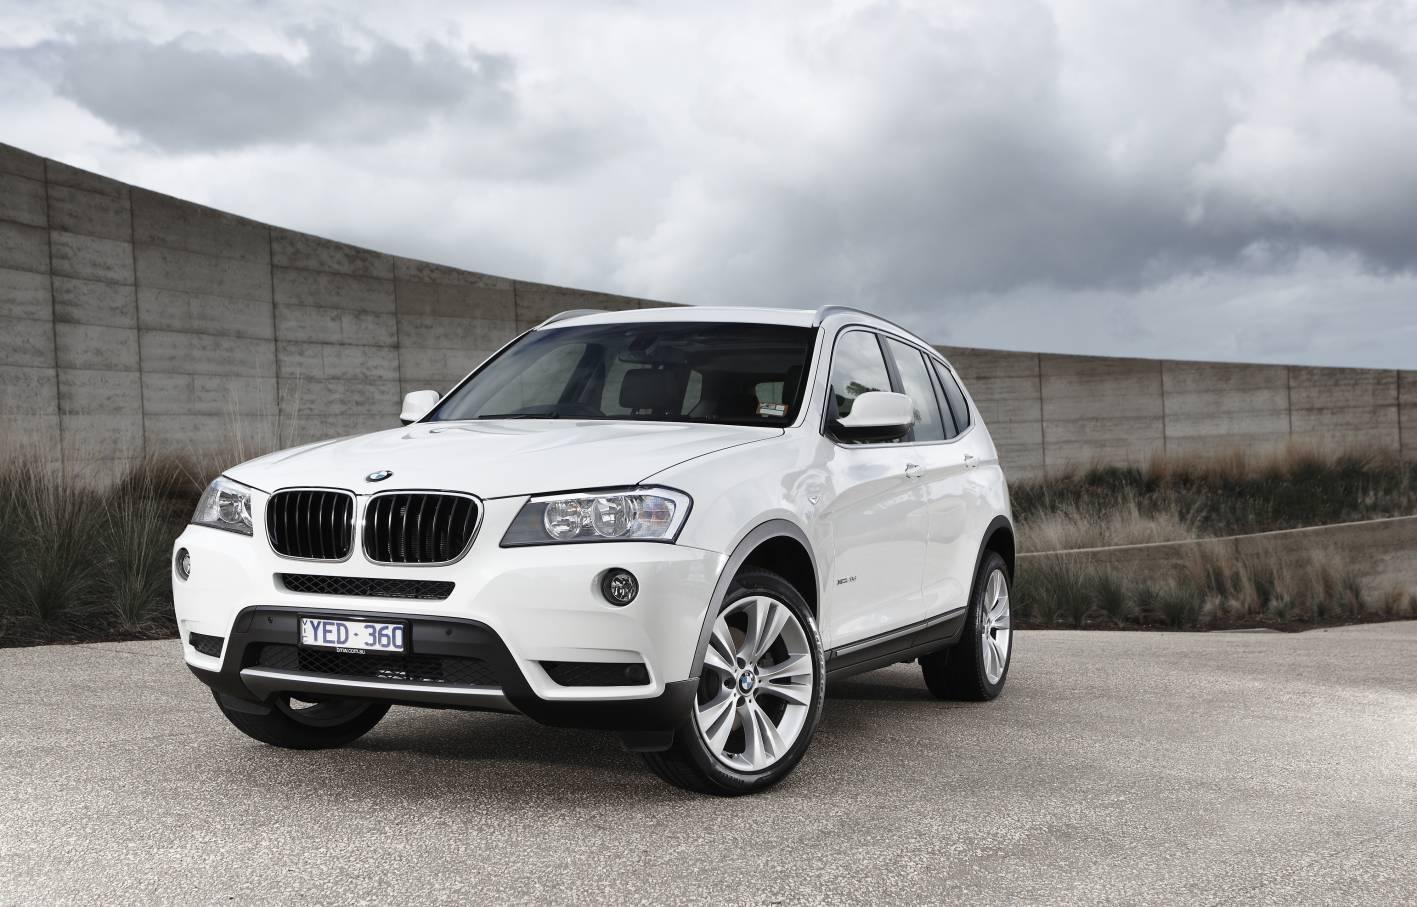 News - New 20i Model Takes BMW X3 Under $60,000